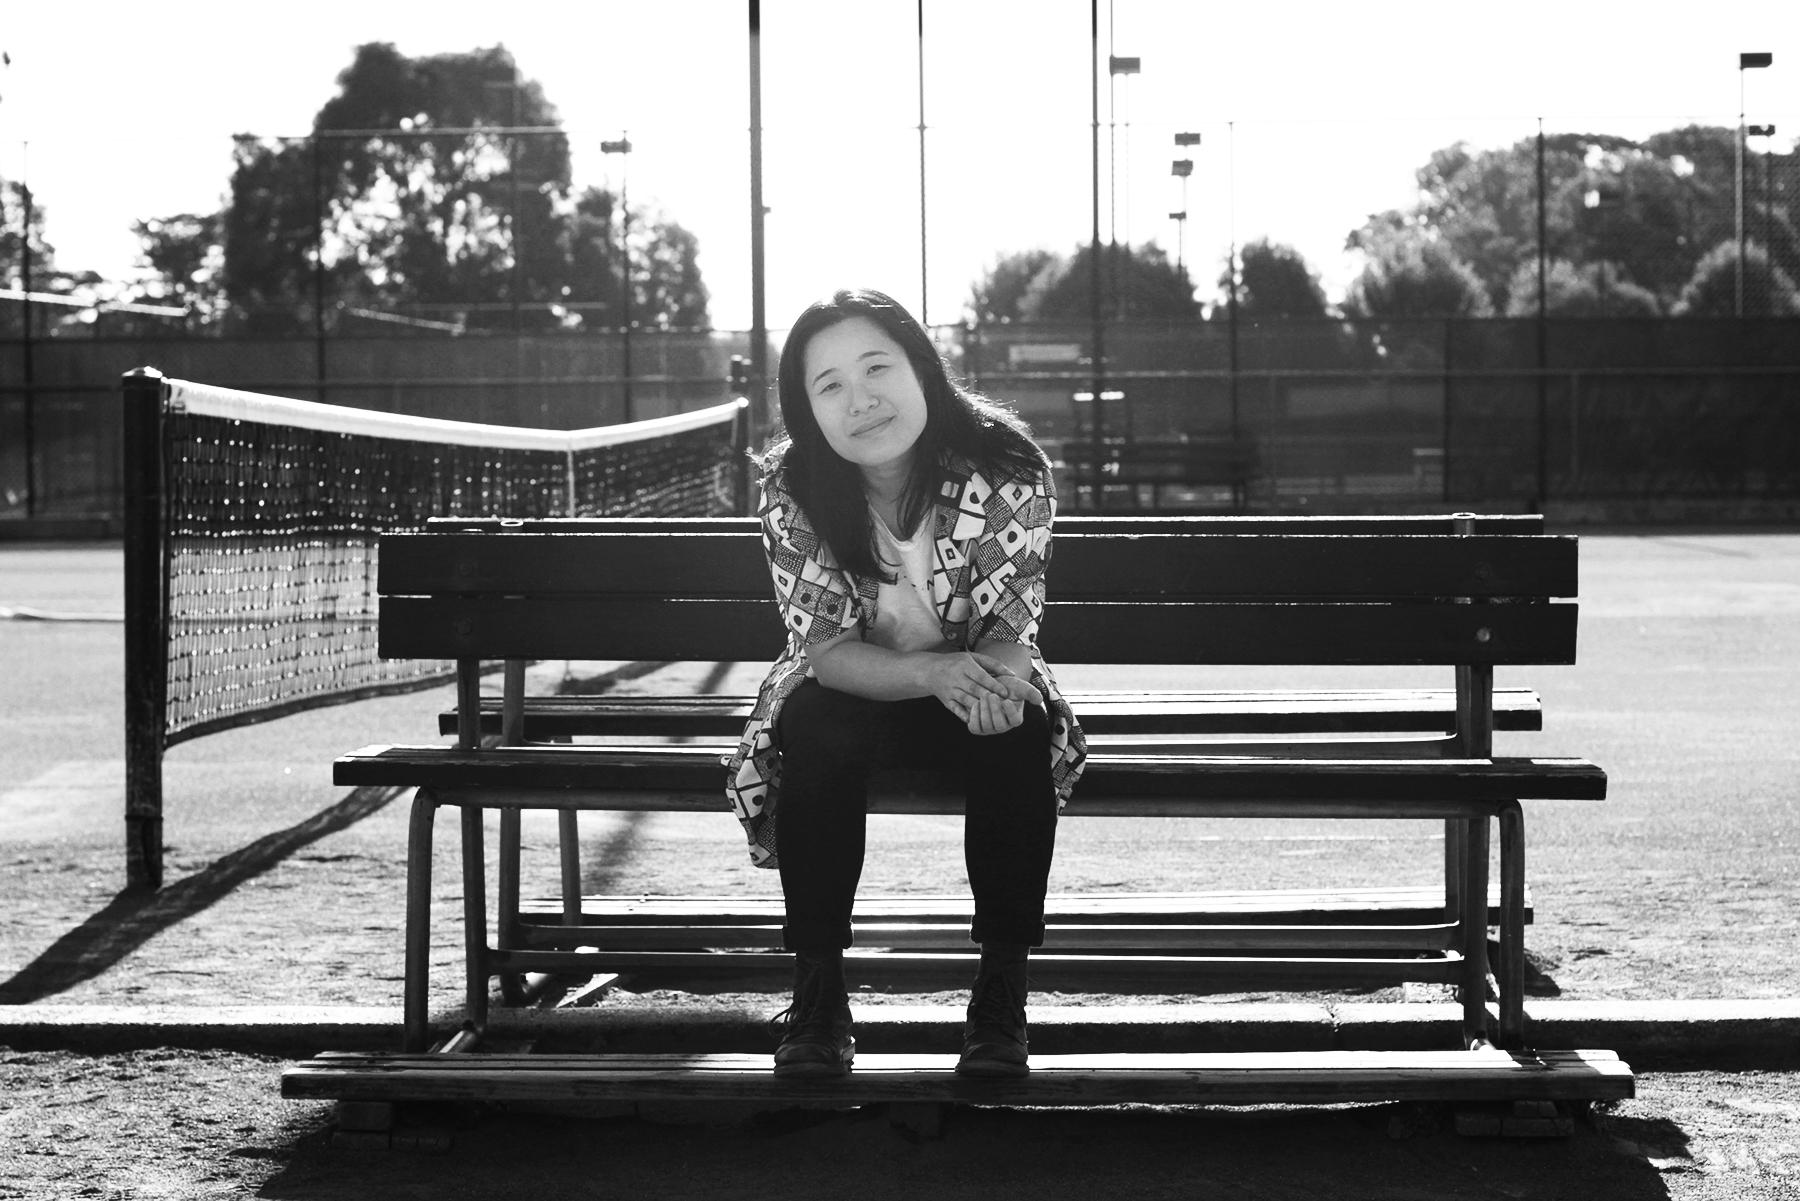 Photography by Amanda Tang